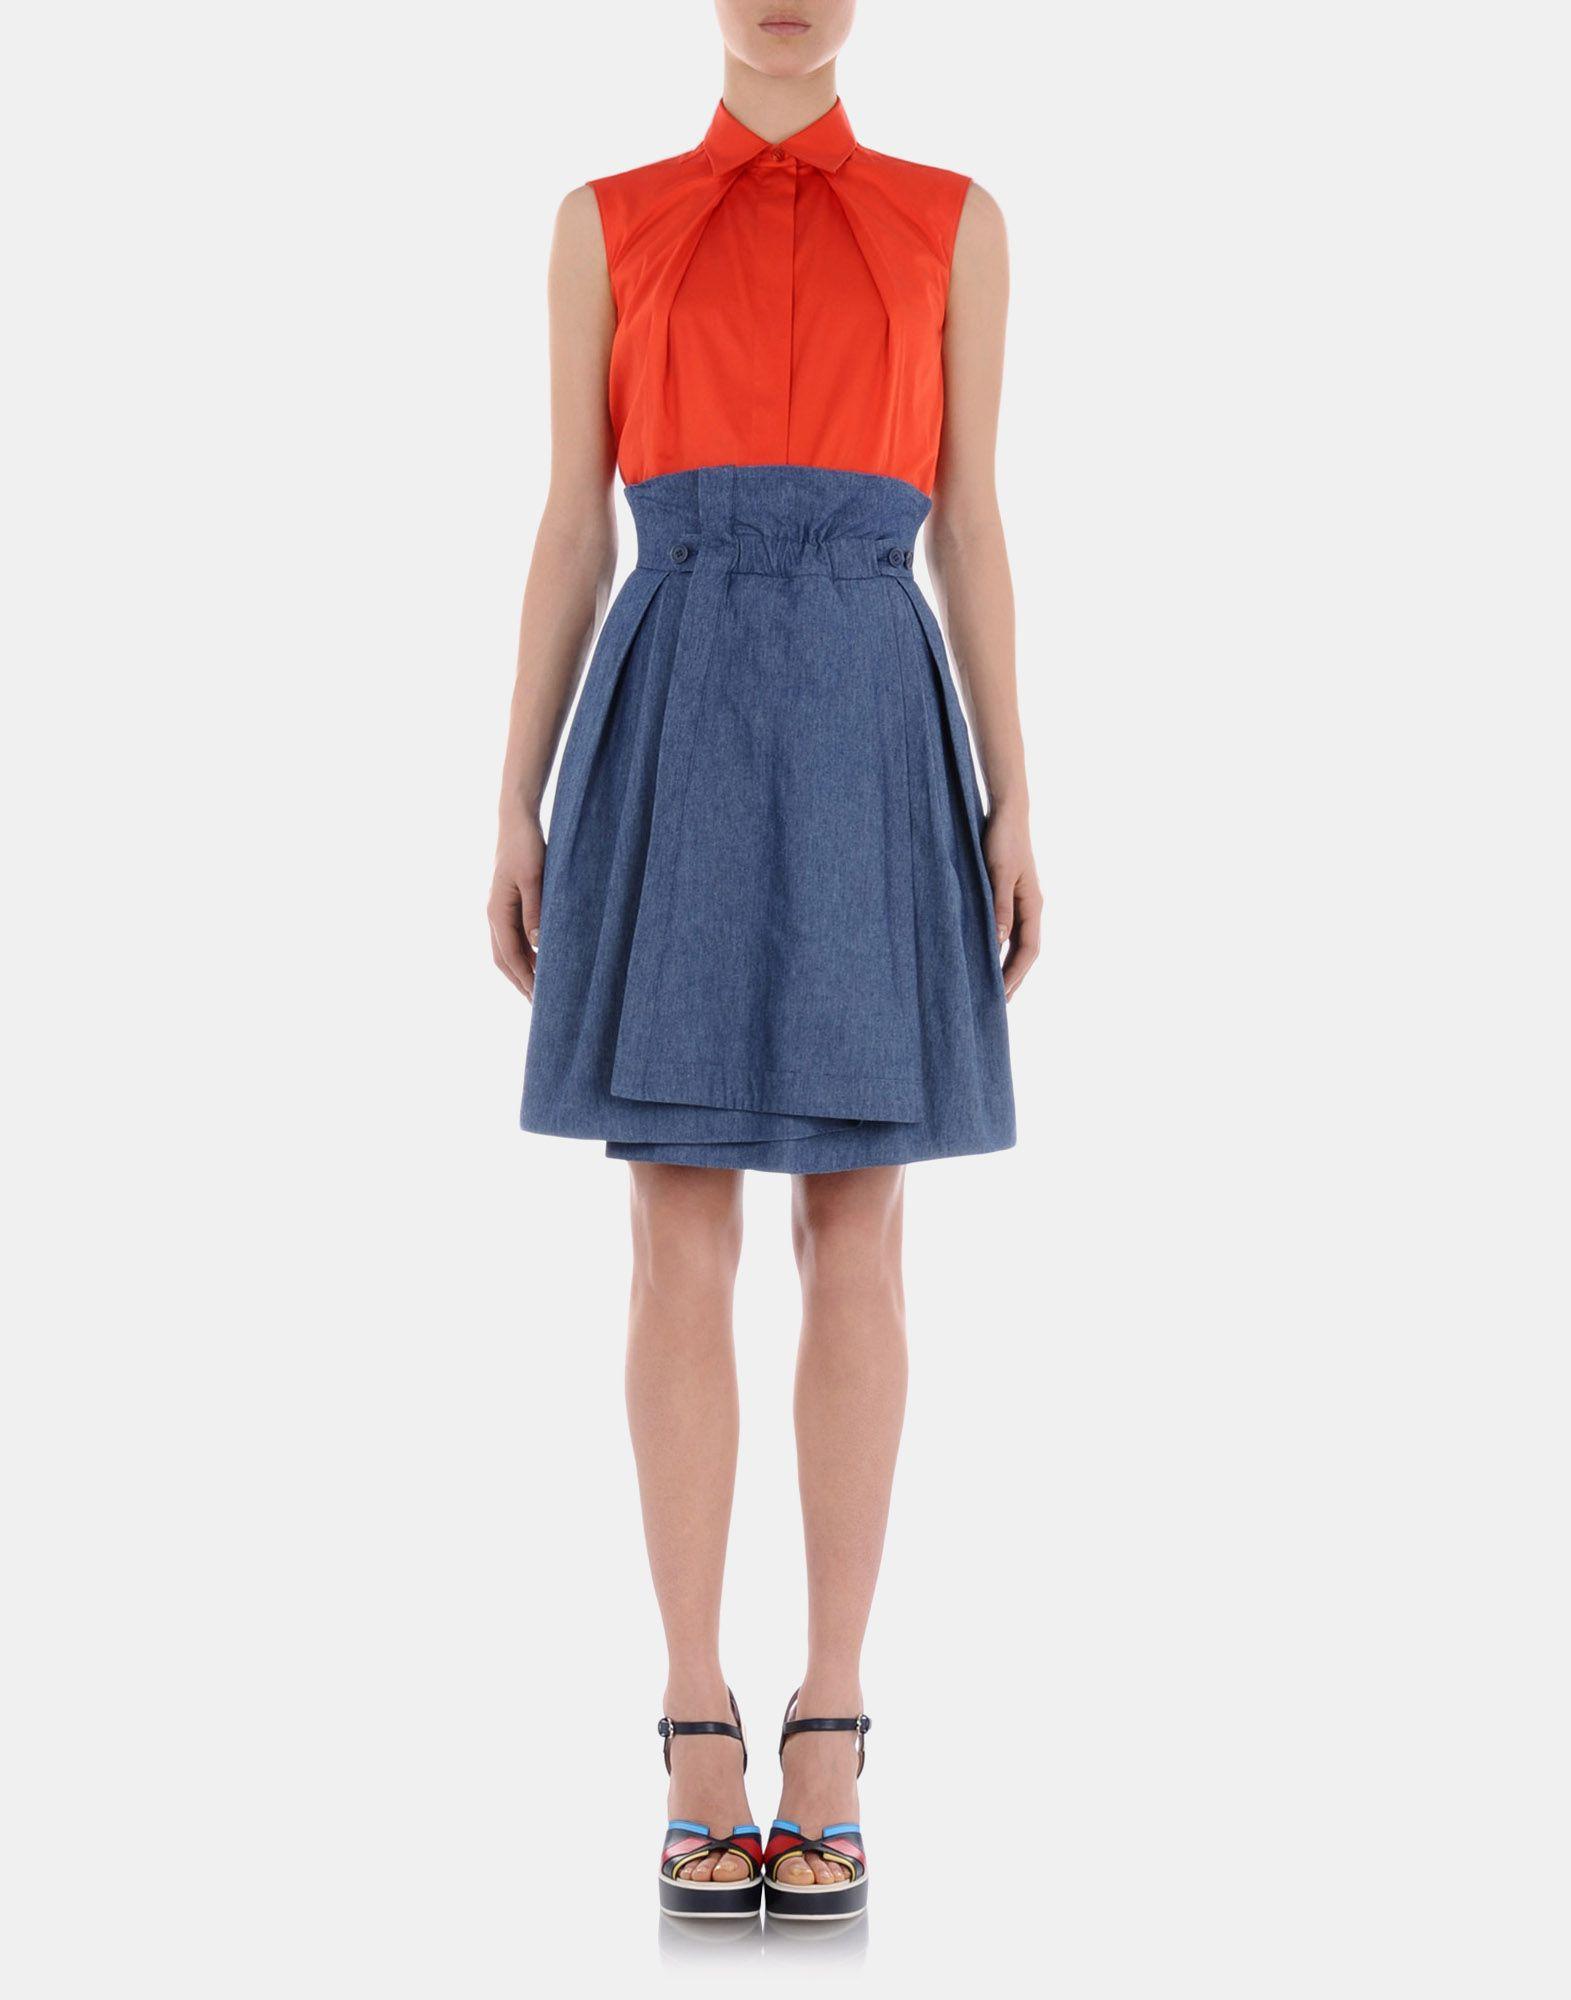 Denim skirt Women - Skirts Women on Jil Sander Online Store